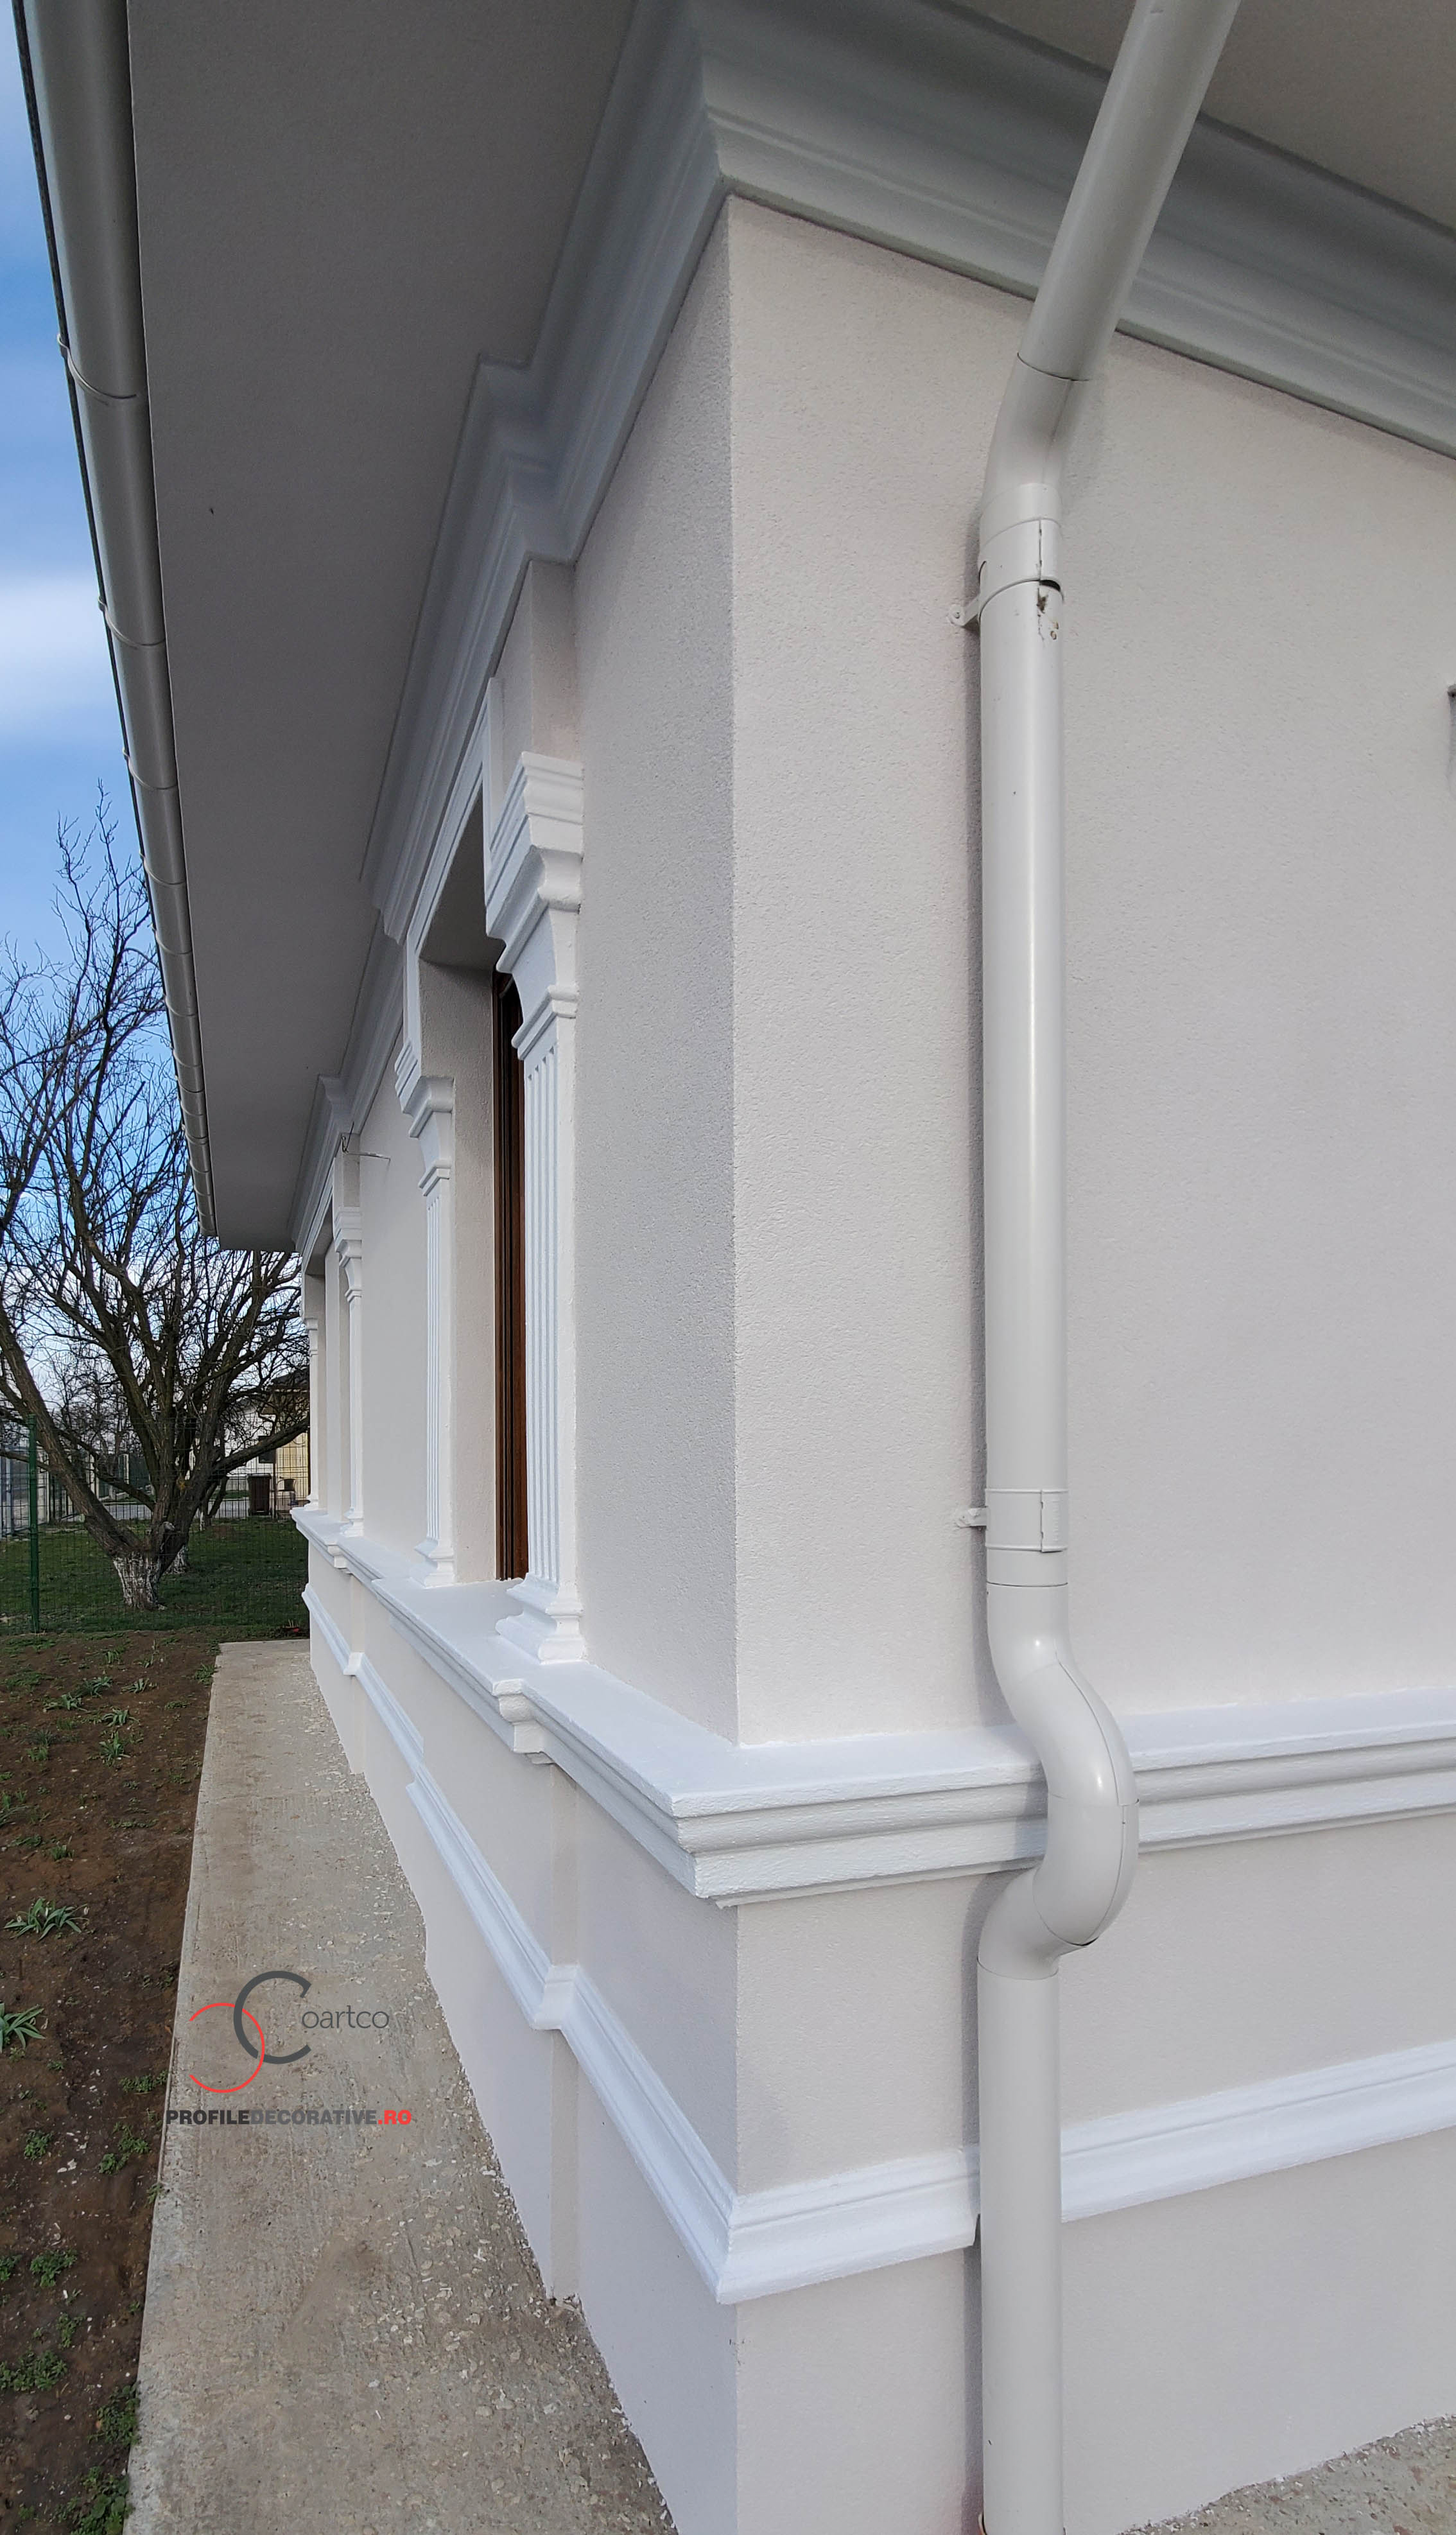 profile decorative pentru fatada casa parter